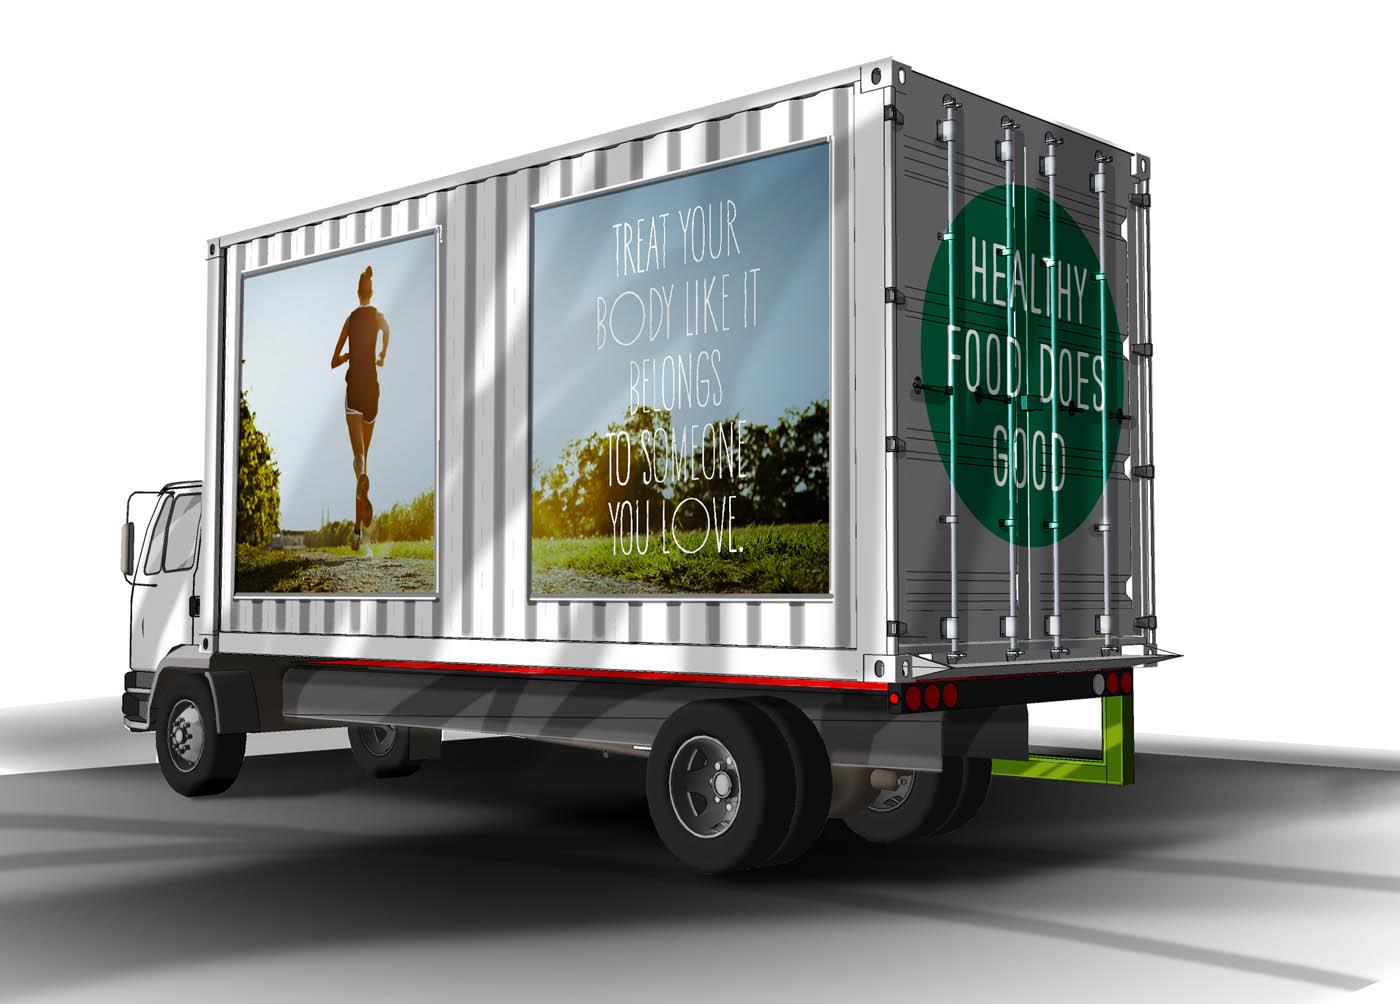 whole foods market food truck concept dl english design dl english design. Black Bedroom Furniture Sets. Home Design Ideas